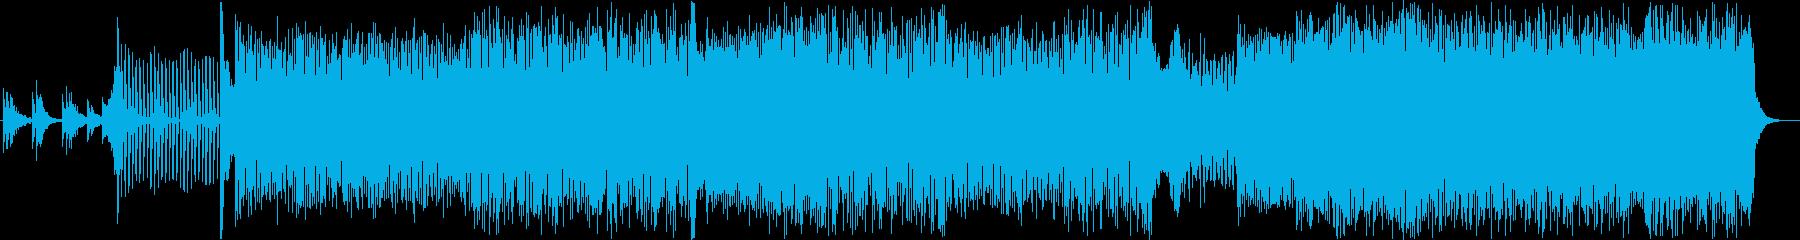 ハウス。ピアノソロの再生済みの波形